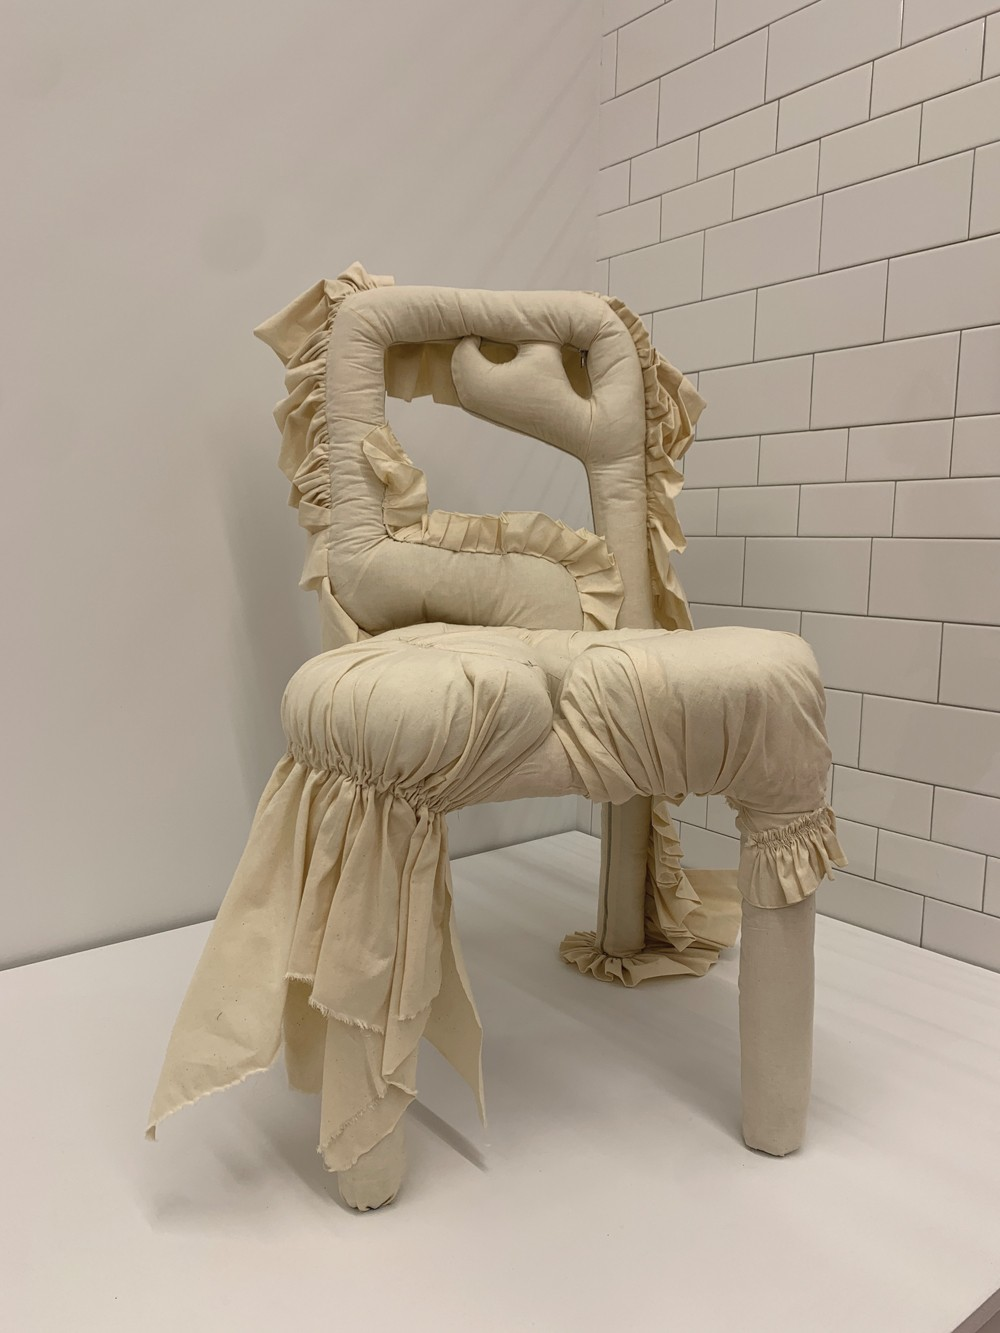 Bonnet Chair 2, Katie Stout